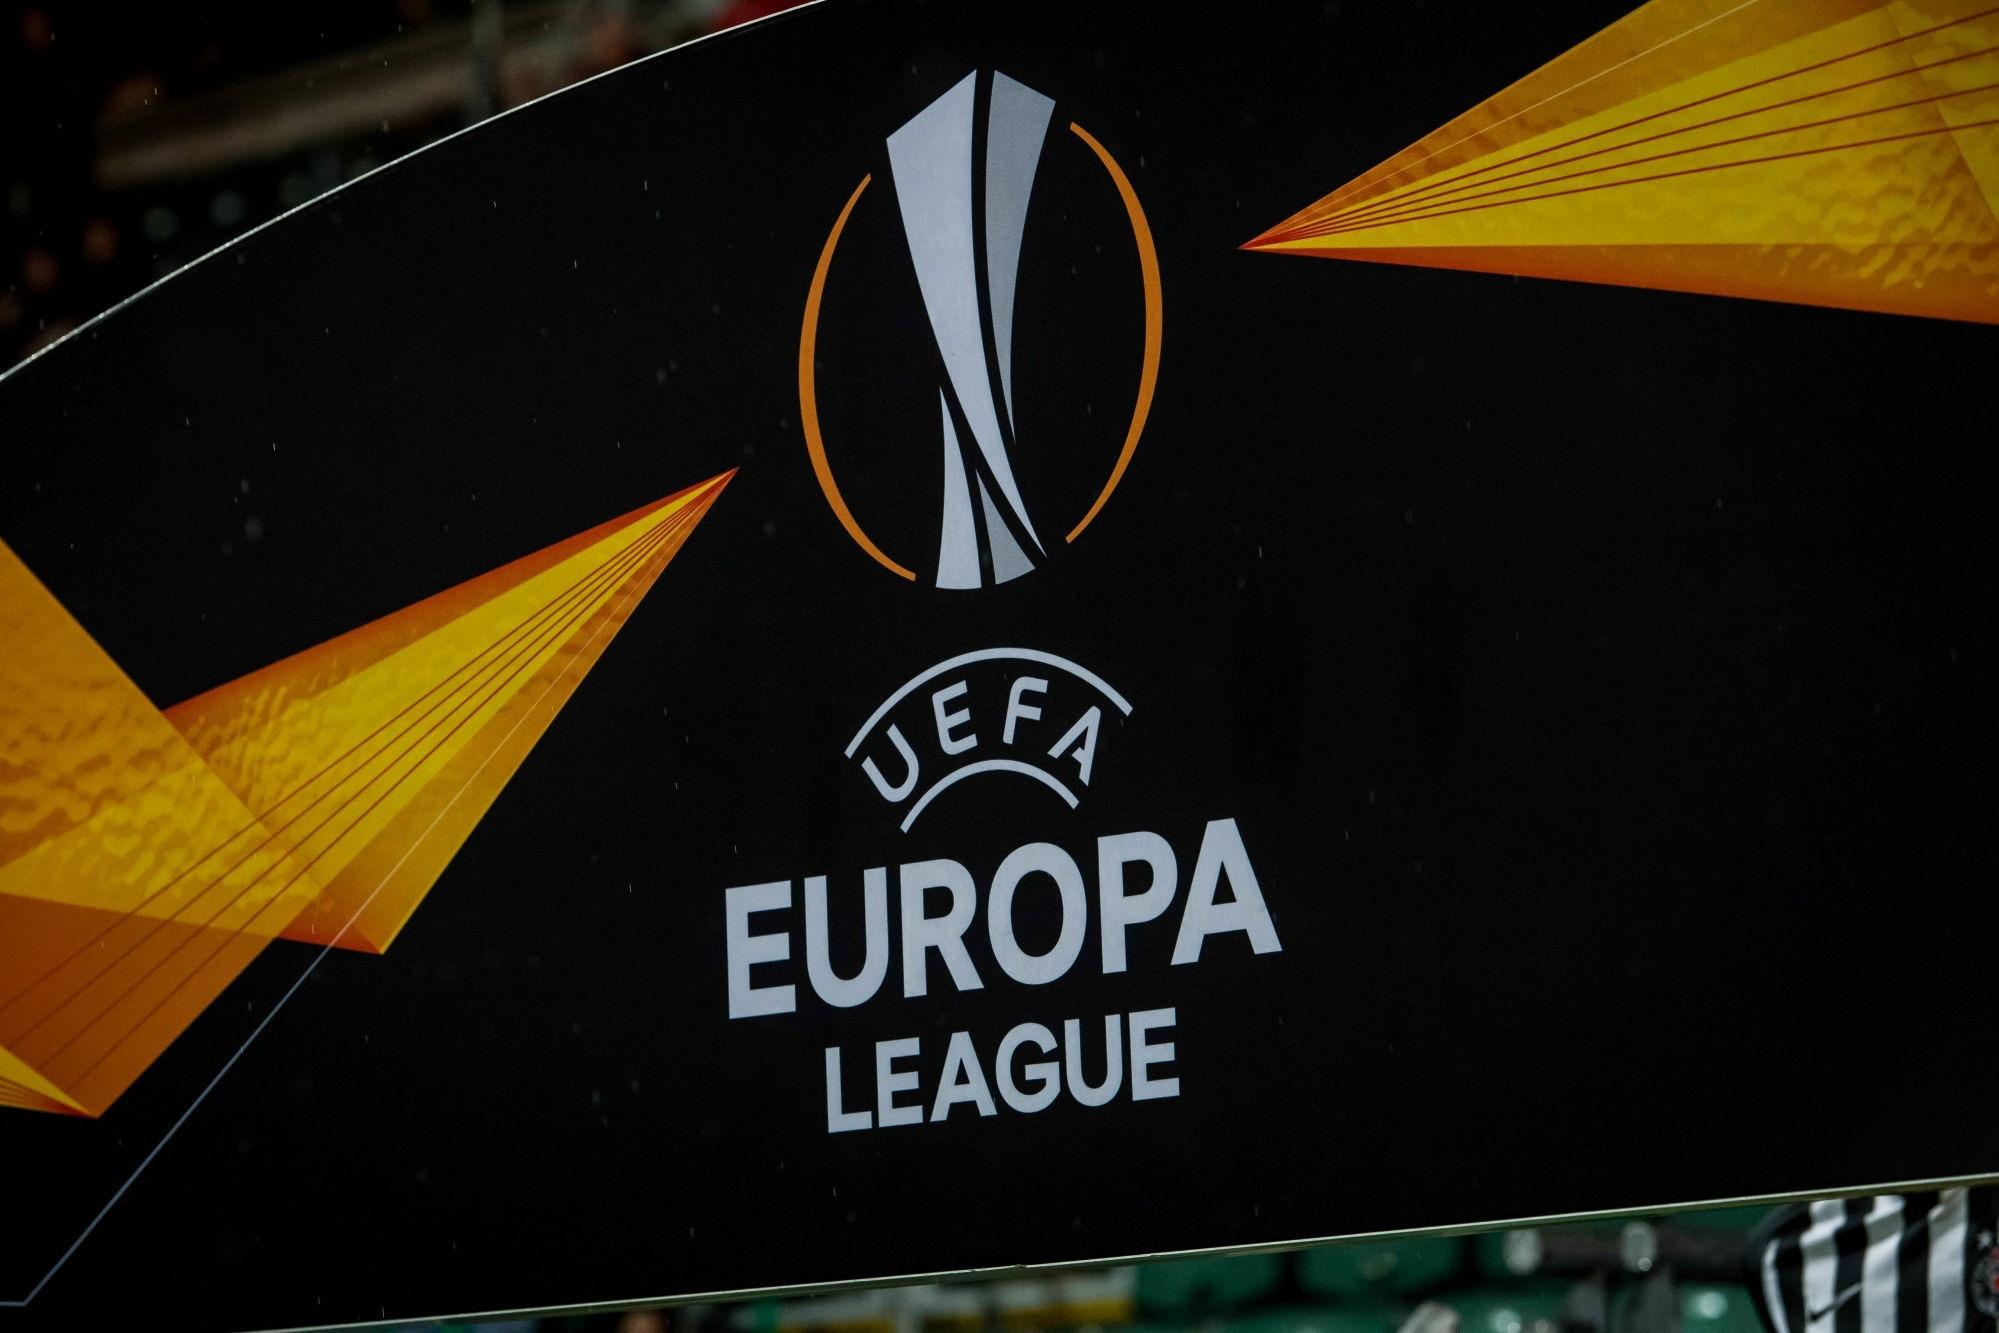 Streaming Lazio/Marseille : Où voir le match en direct ?